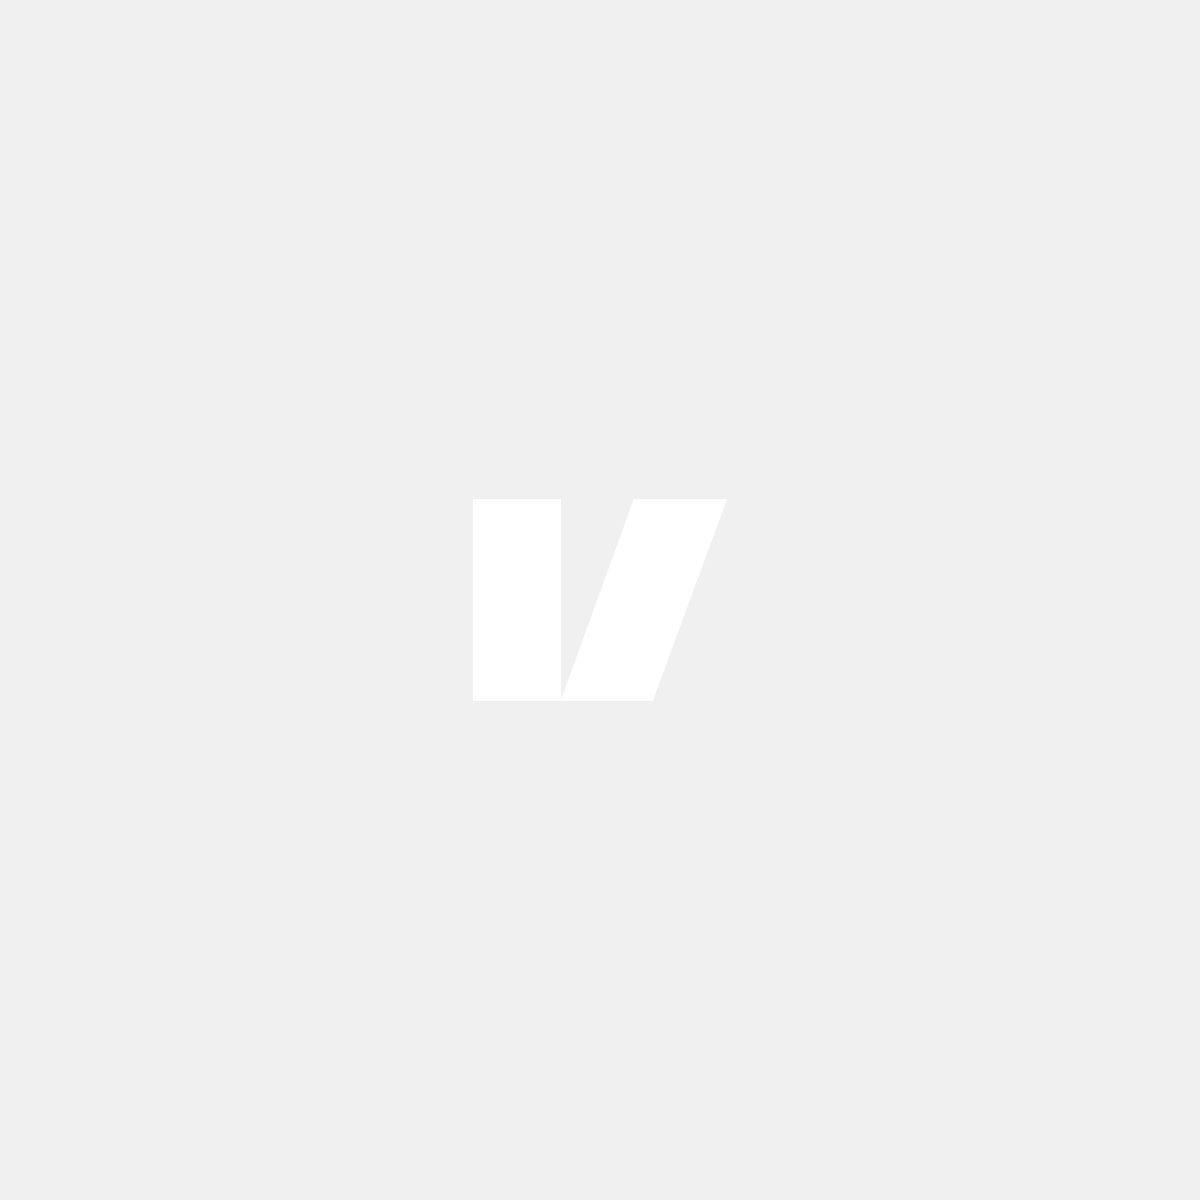 Monteringsfläns downpipe-dämpare/kat till Volvo 240, 740, 760, 940, 52mm